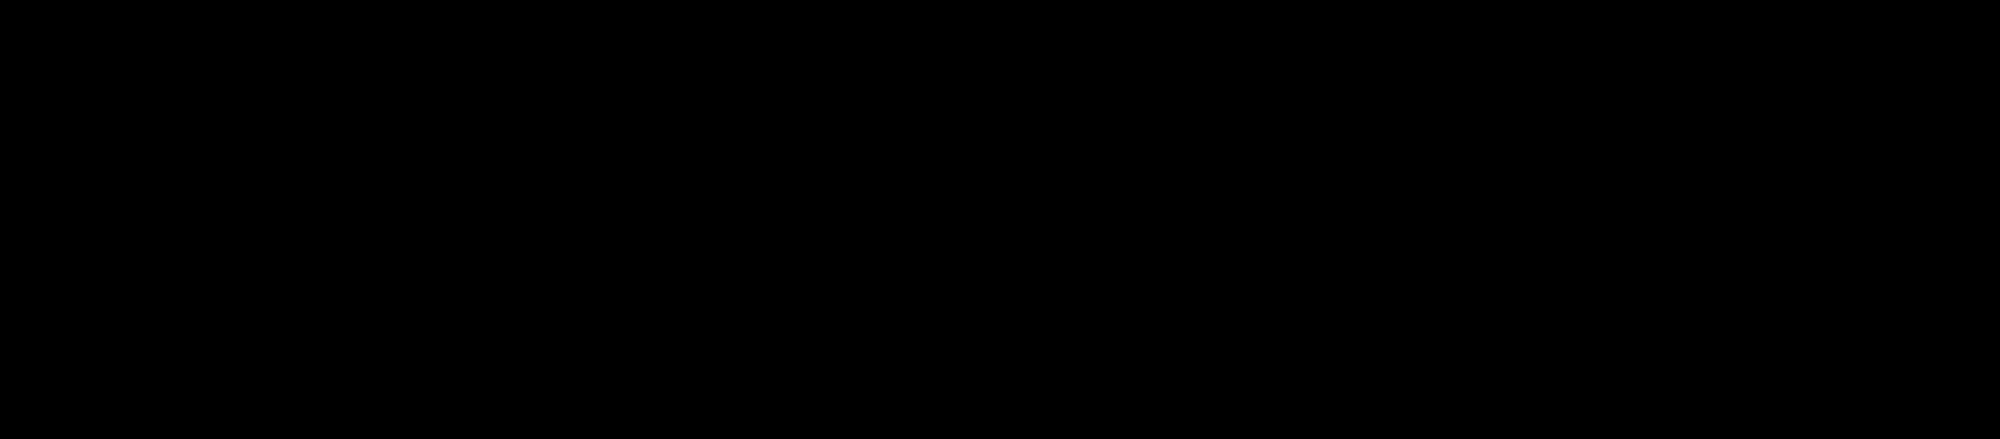 smithfield-logo.png